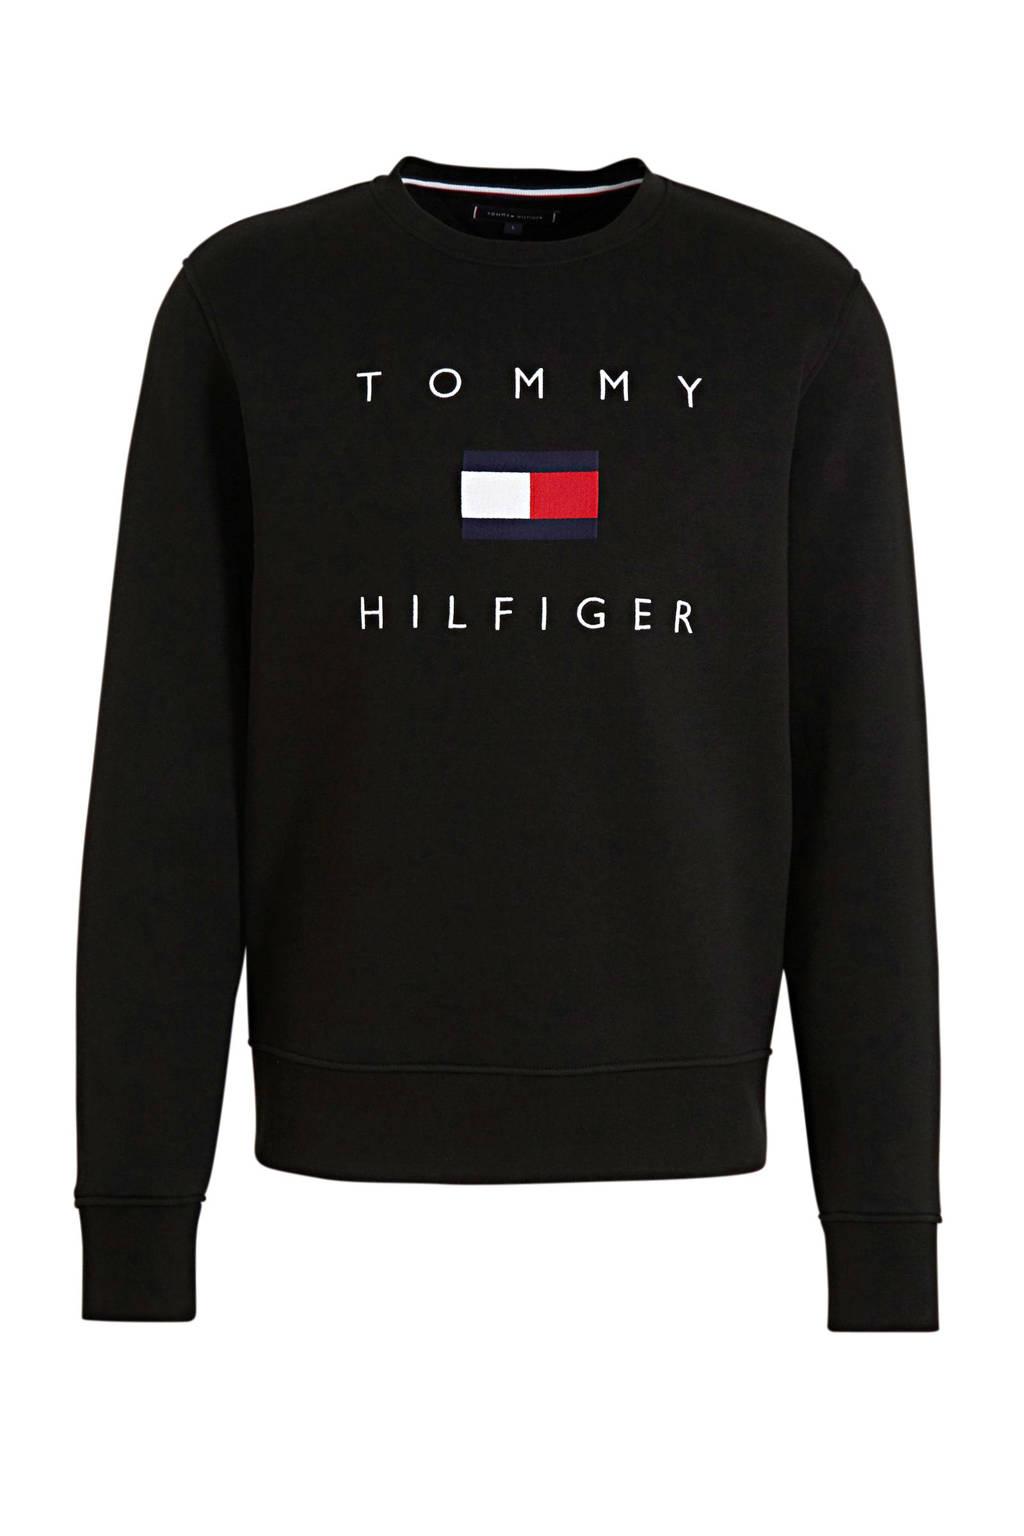 Tommy Hilfiger sweater met logo zwart/blauw/rood, Zwart/blauw/rood